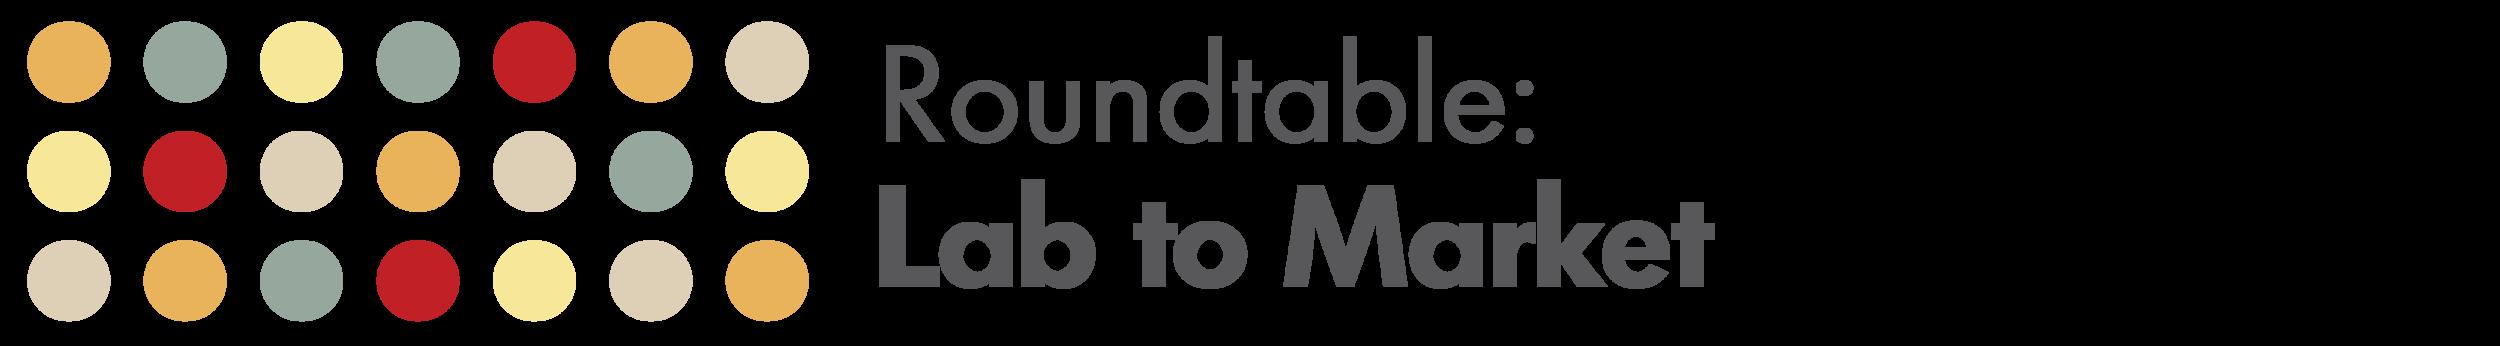 Web Header_Lab to Market 2019_v1.png